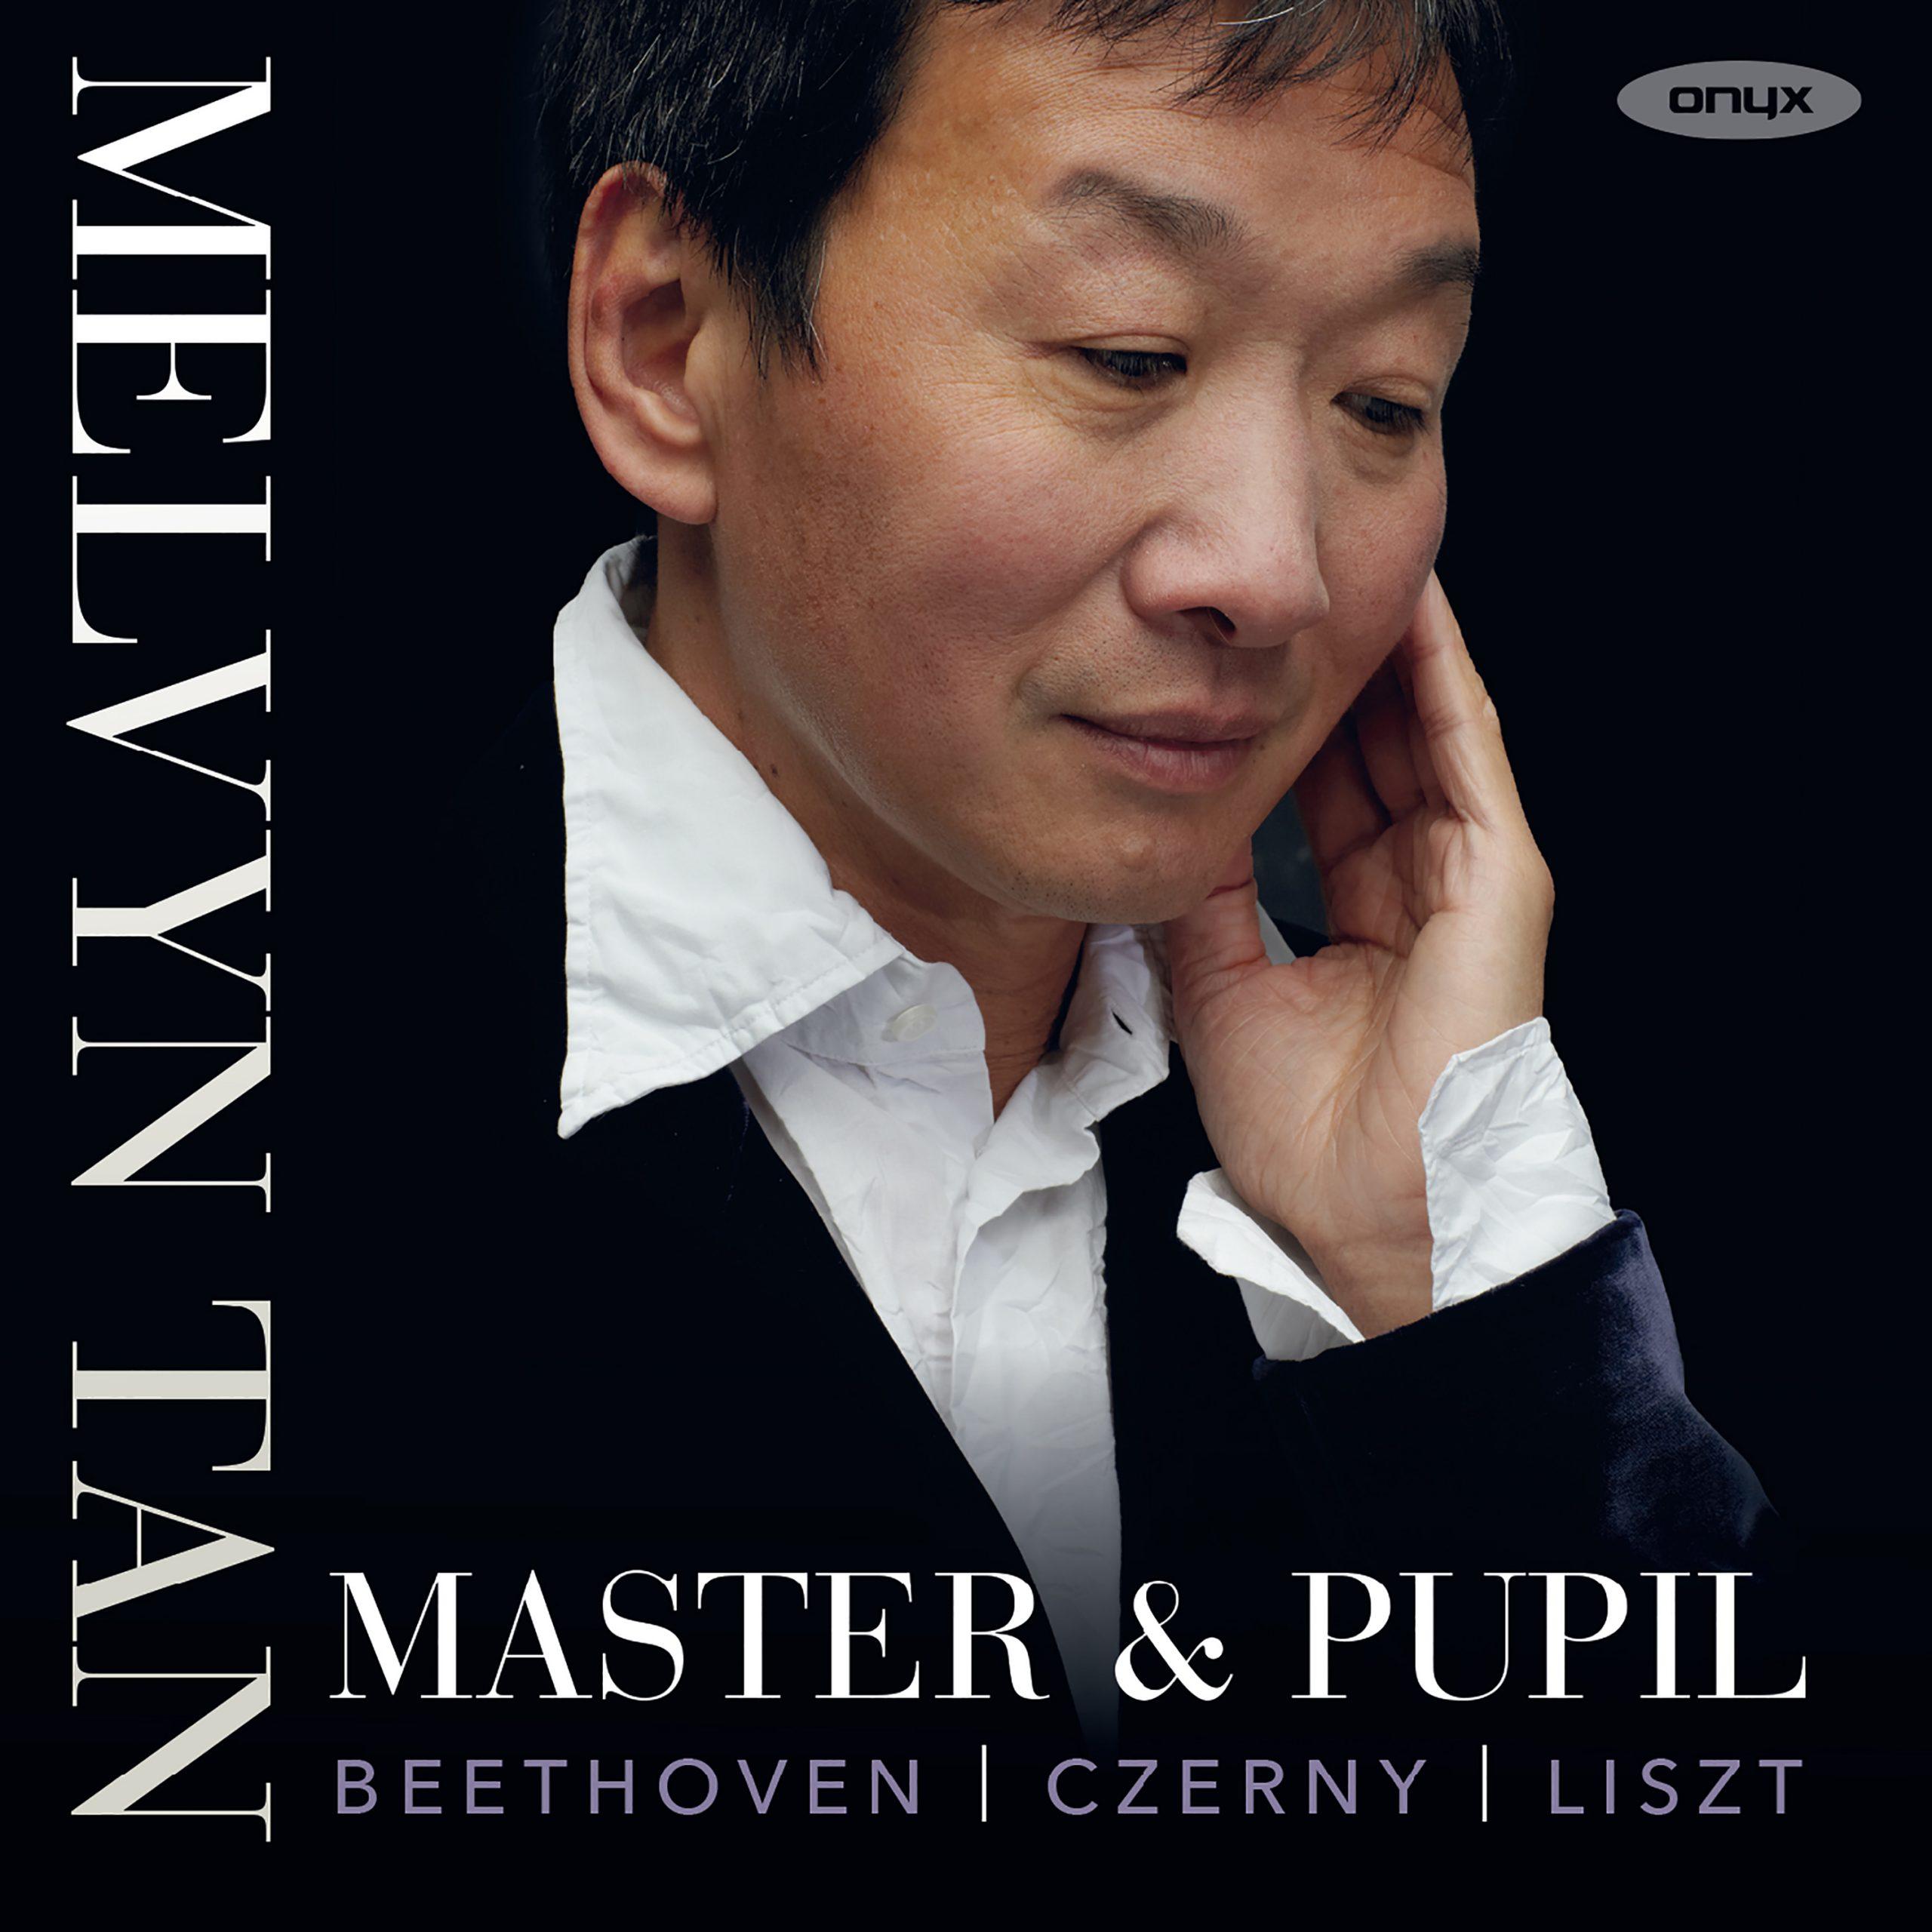 Master & Pupil – Beethoven; Czerny; Liszt